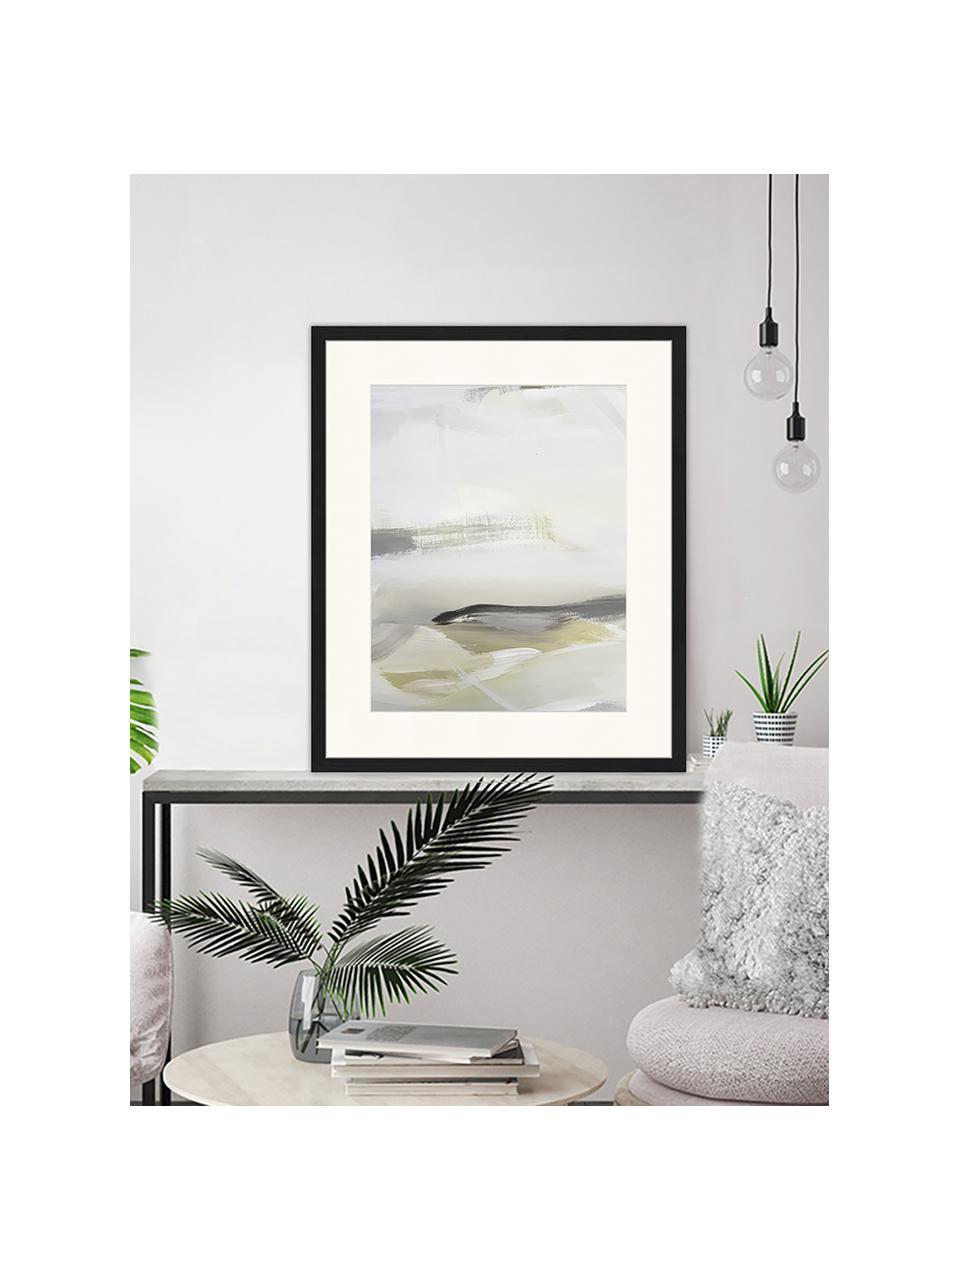 Gerahmter Digitaldruck Green Abstract, Bild: Digitaldruck auf Papier, , Rahmen: Holz, lackiert, Front: Plexiglas, Mehrfarbig, 53 x 63 cm